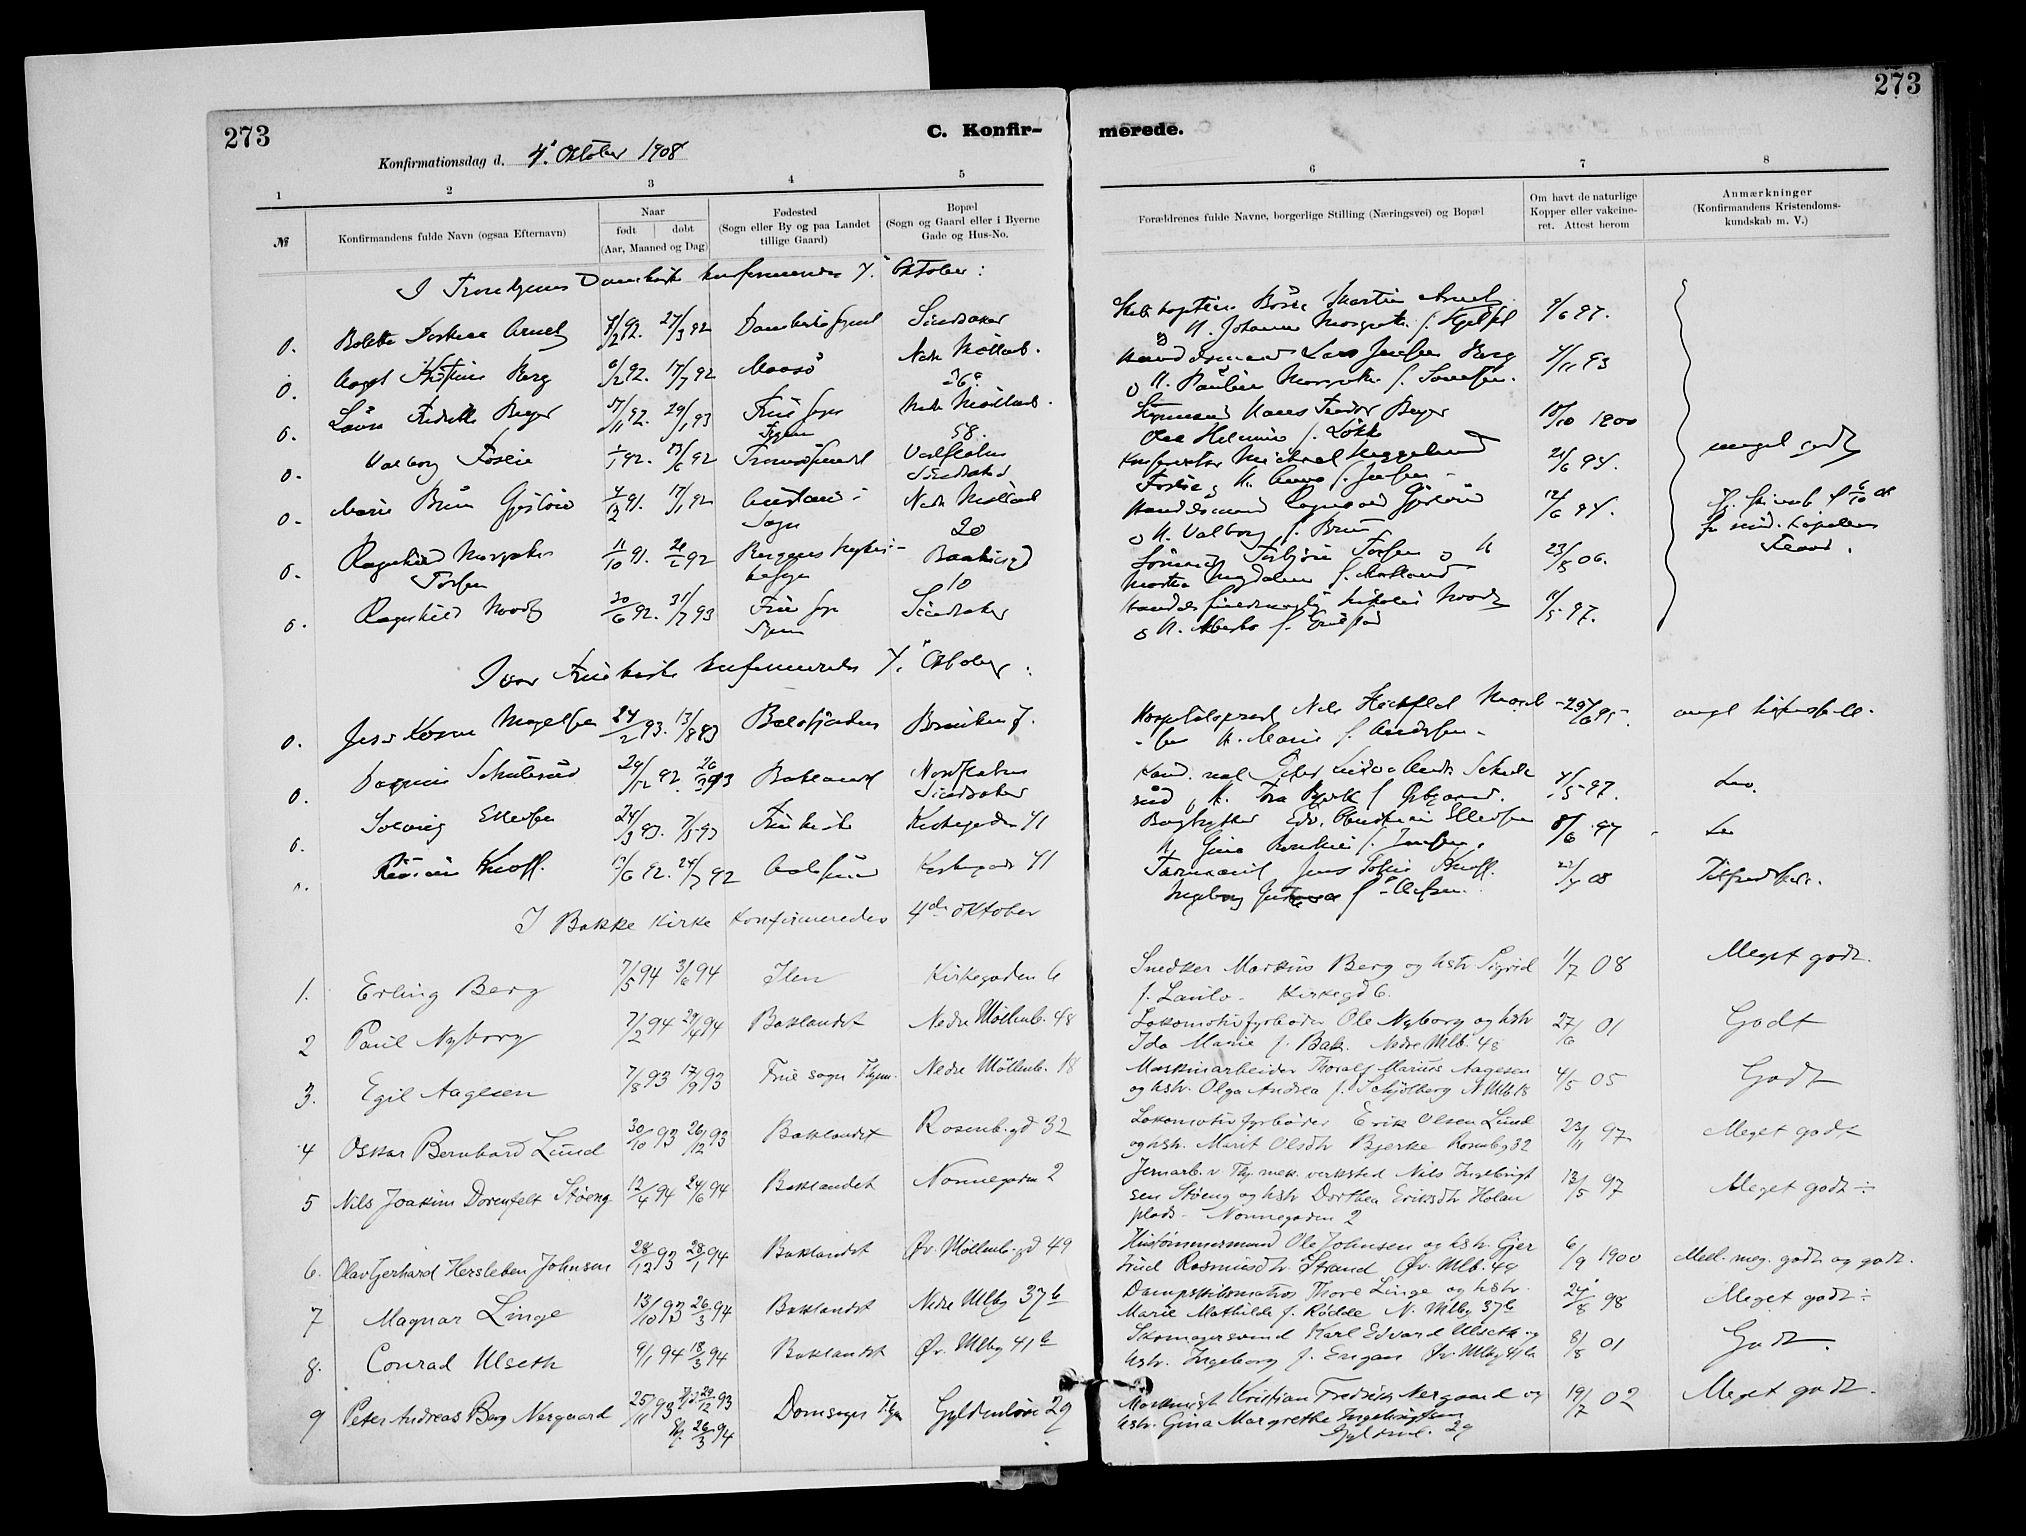 SAT, Ministerialprotokoller, klokkerbøker og fødselsregistre - Sør-Trøndelag, 604/L0203: Ministerialbok nr. 604A23, 1908-1916, s. 273